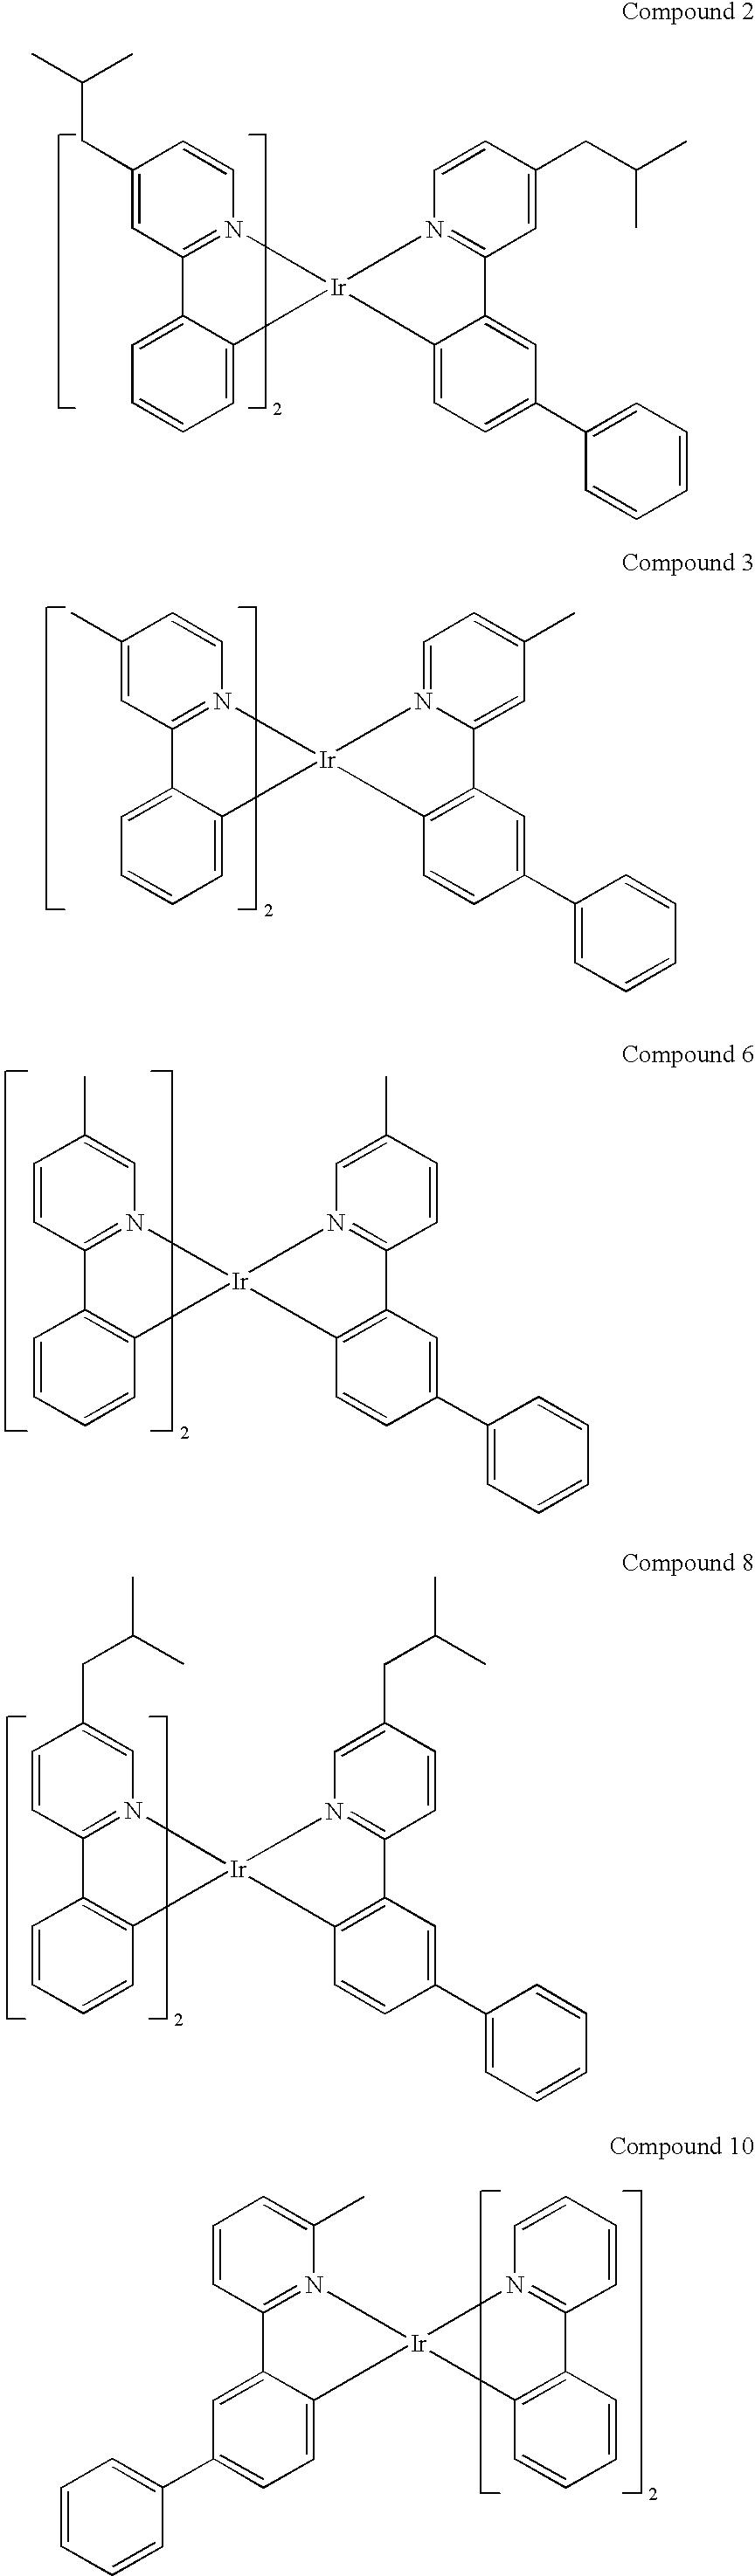 Figure US20090108737A1-20090430-C00230